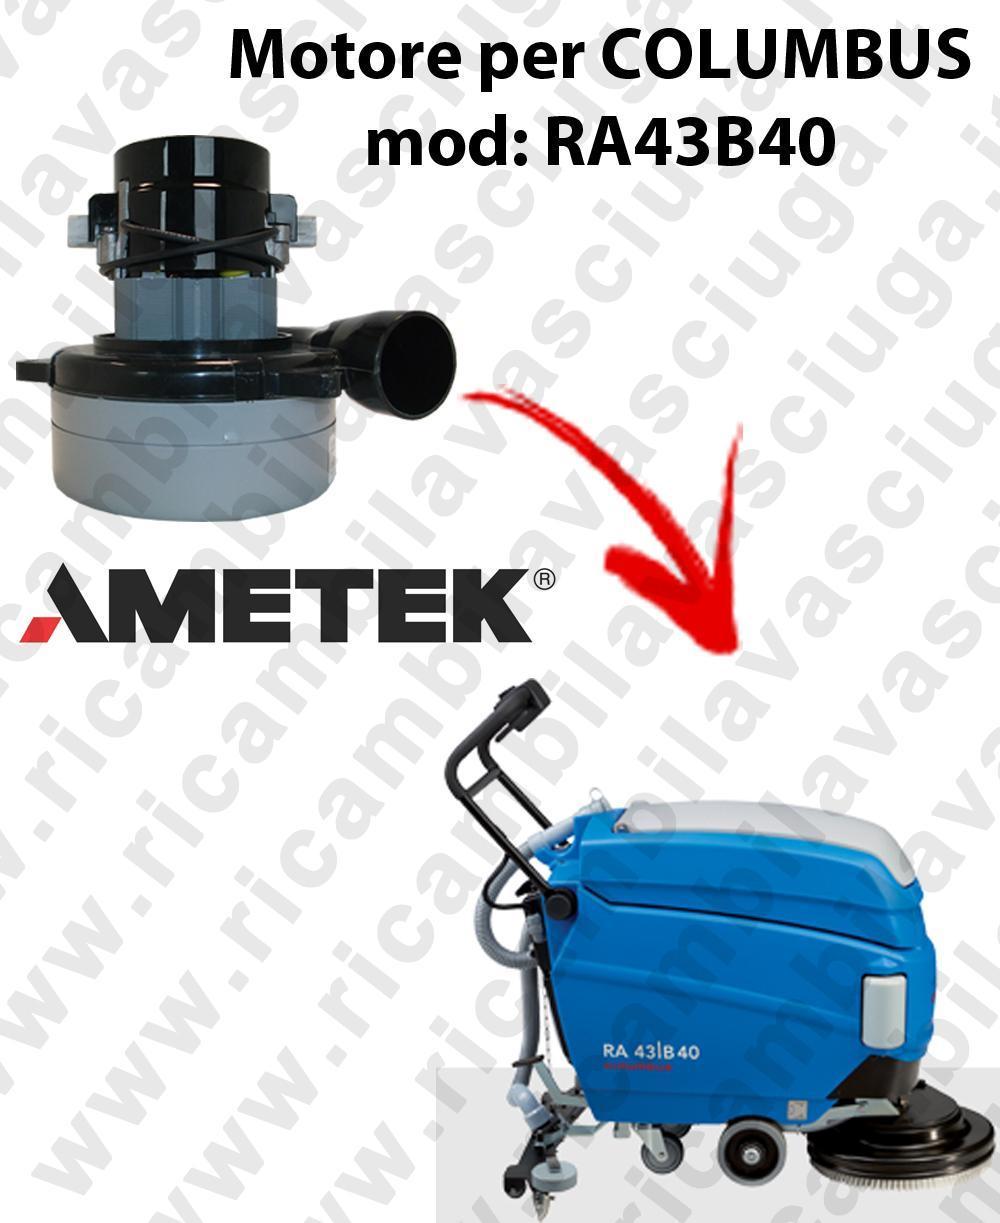 RA43B40 MOTEUR ASPIRATION LAMB AMATEK pour autolaveuses COLUMBUS